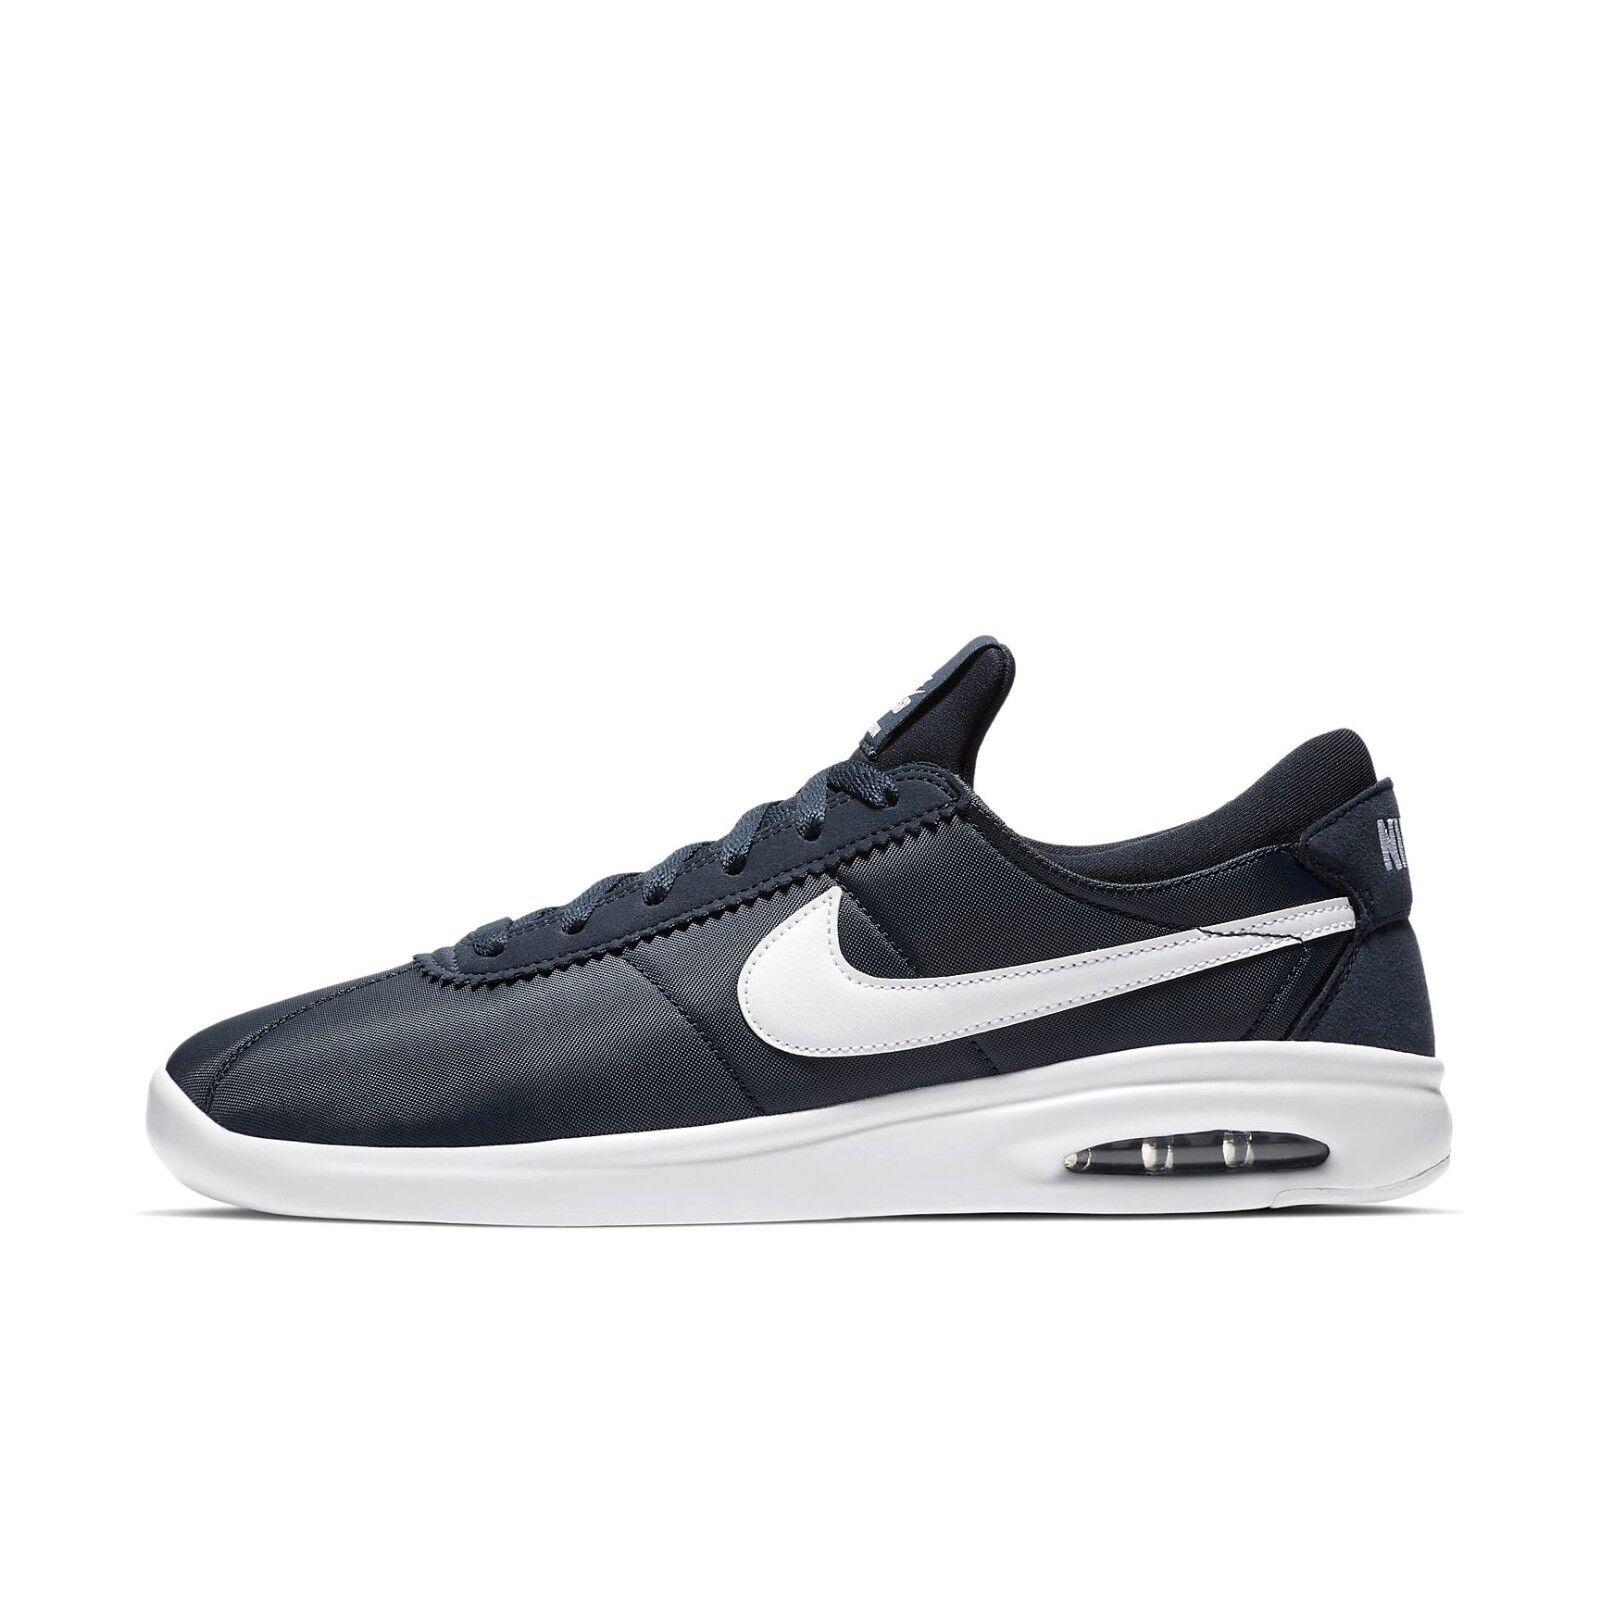 3c4b75022b683 Nike SB SB SB - Air Max Bruin Vapor